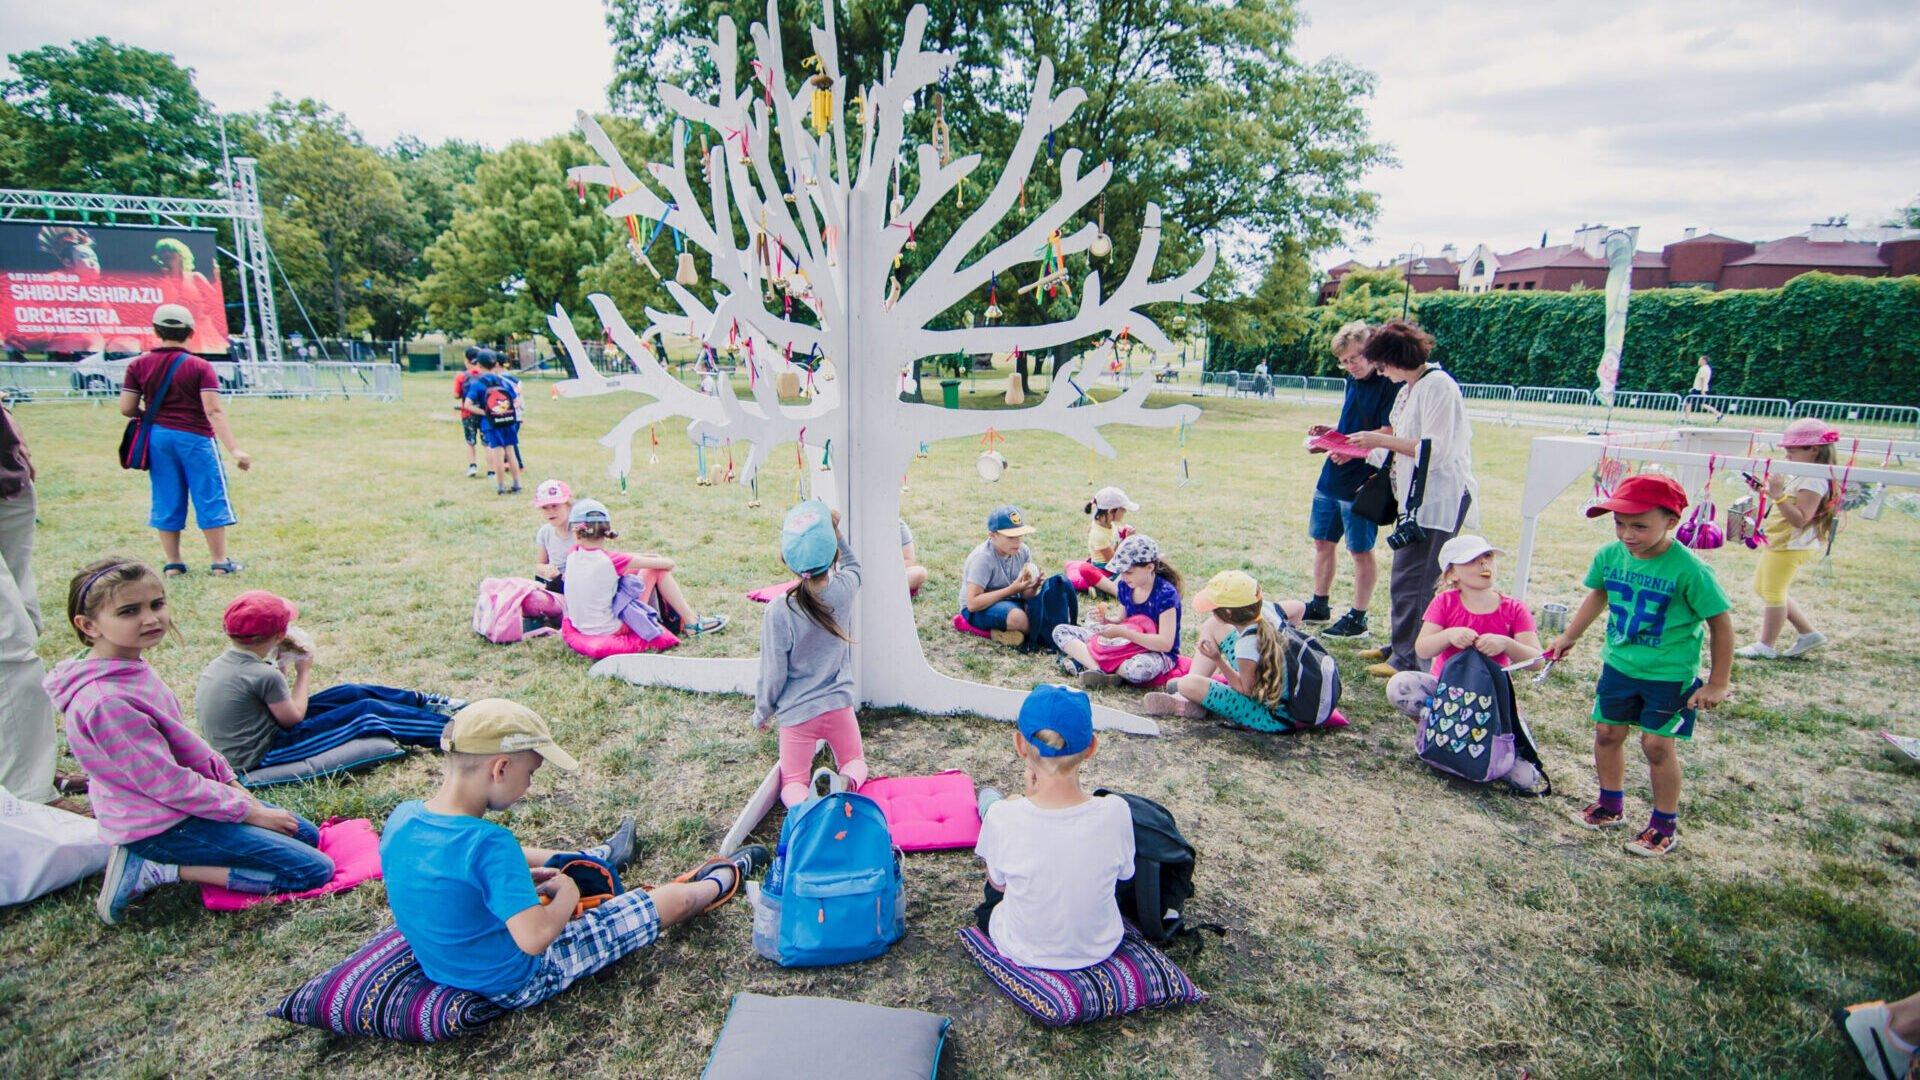 Grupa dzieci siedząca na poduszkach na trawie wokół białej makiety drzewa z instrumentami muzycznymi.